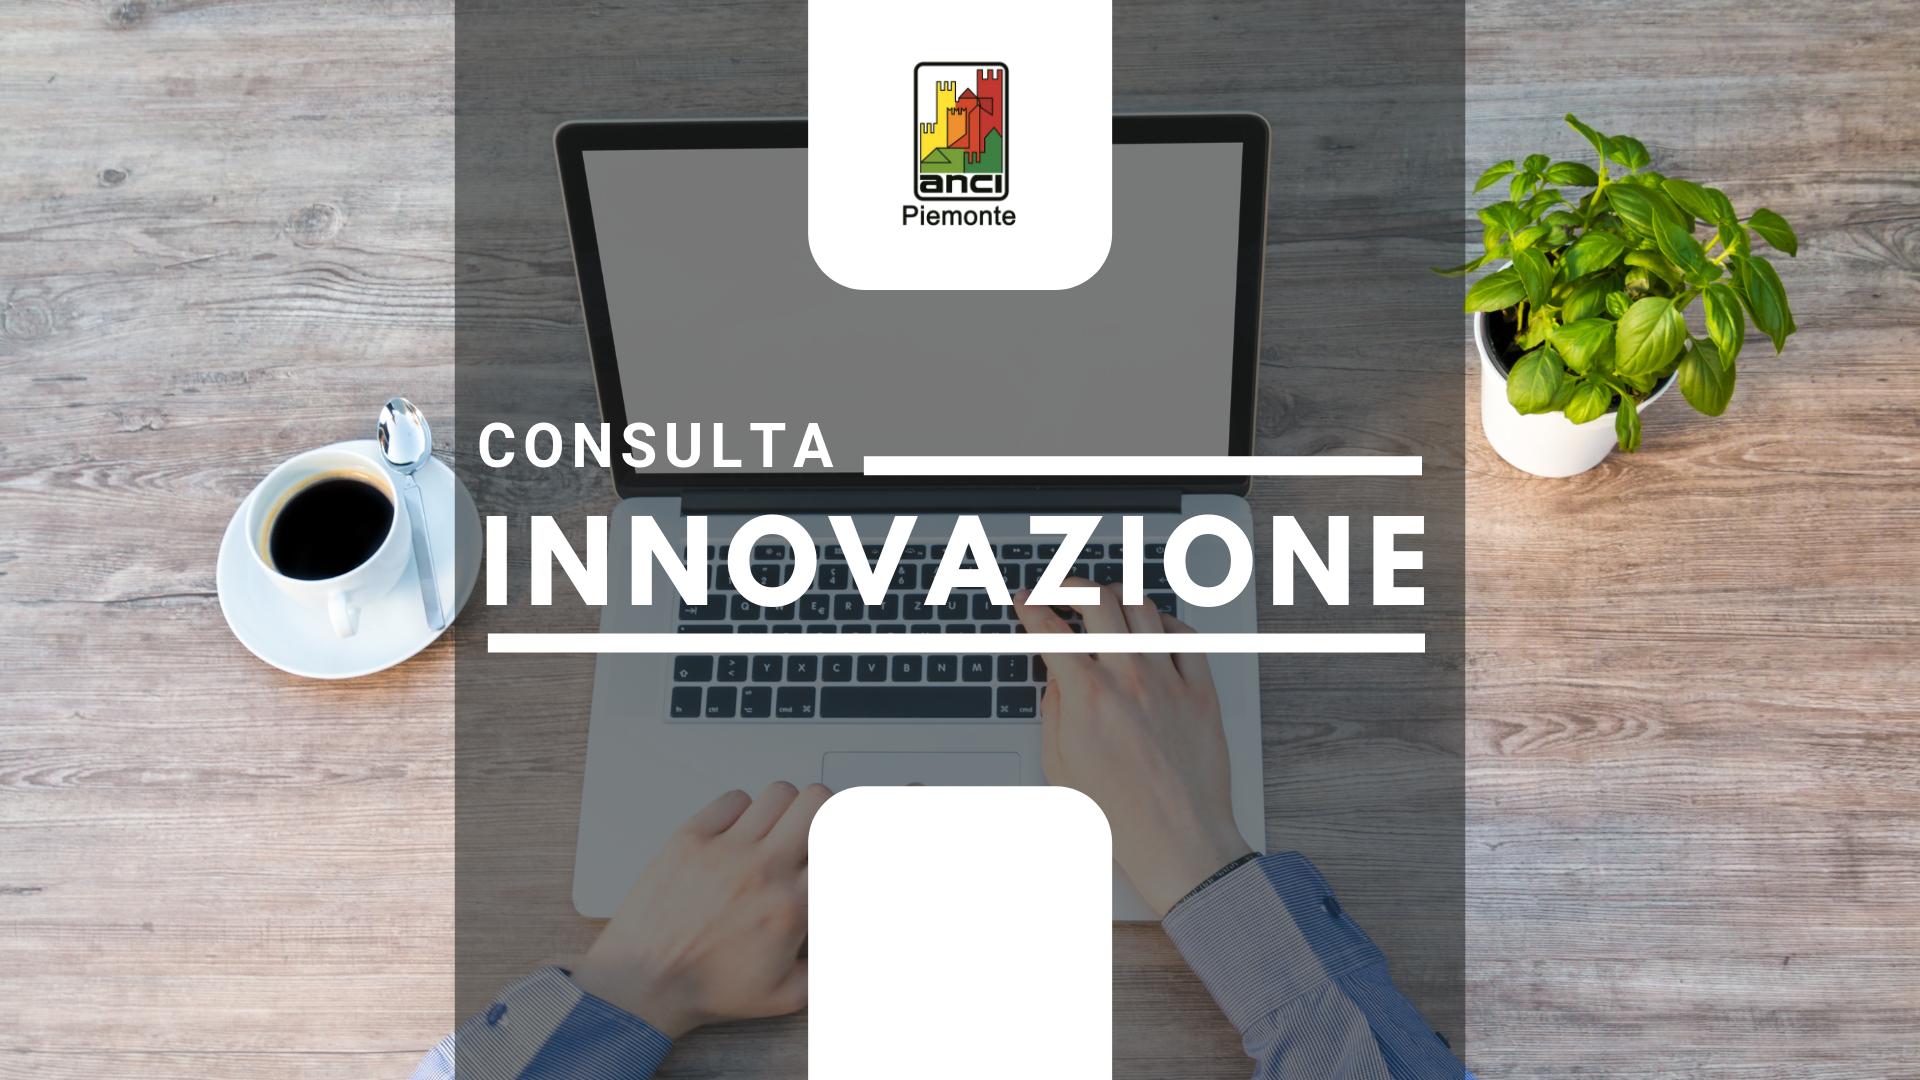 Consulta Innovazione